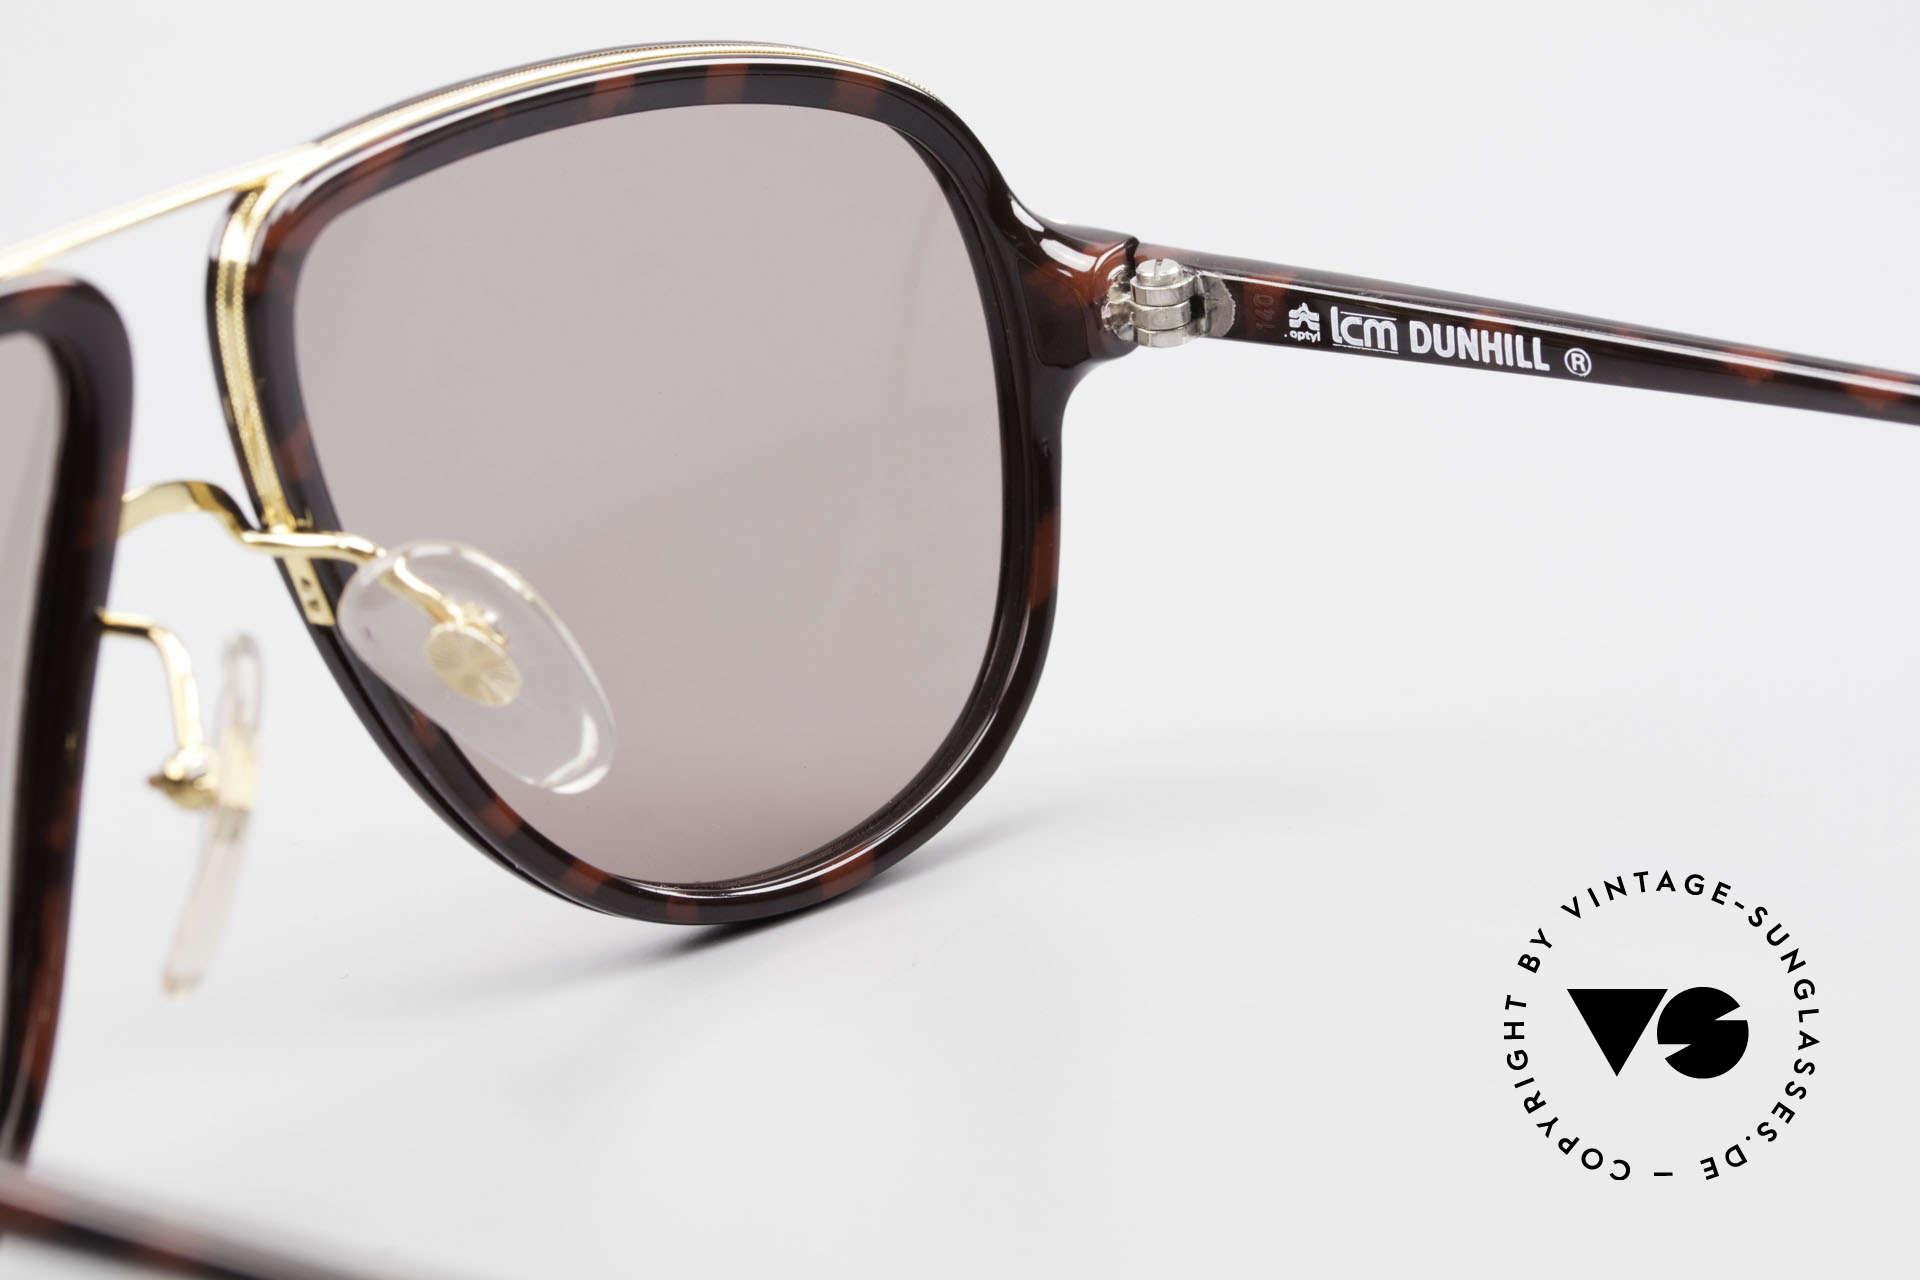 Dunhill 6058 True Vintage Men's Sunglasses, Size: medium, Made for Men